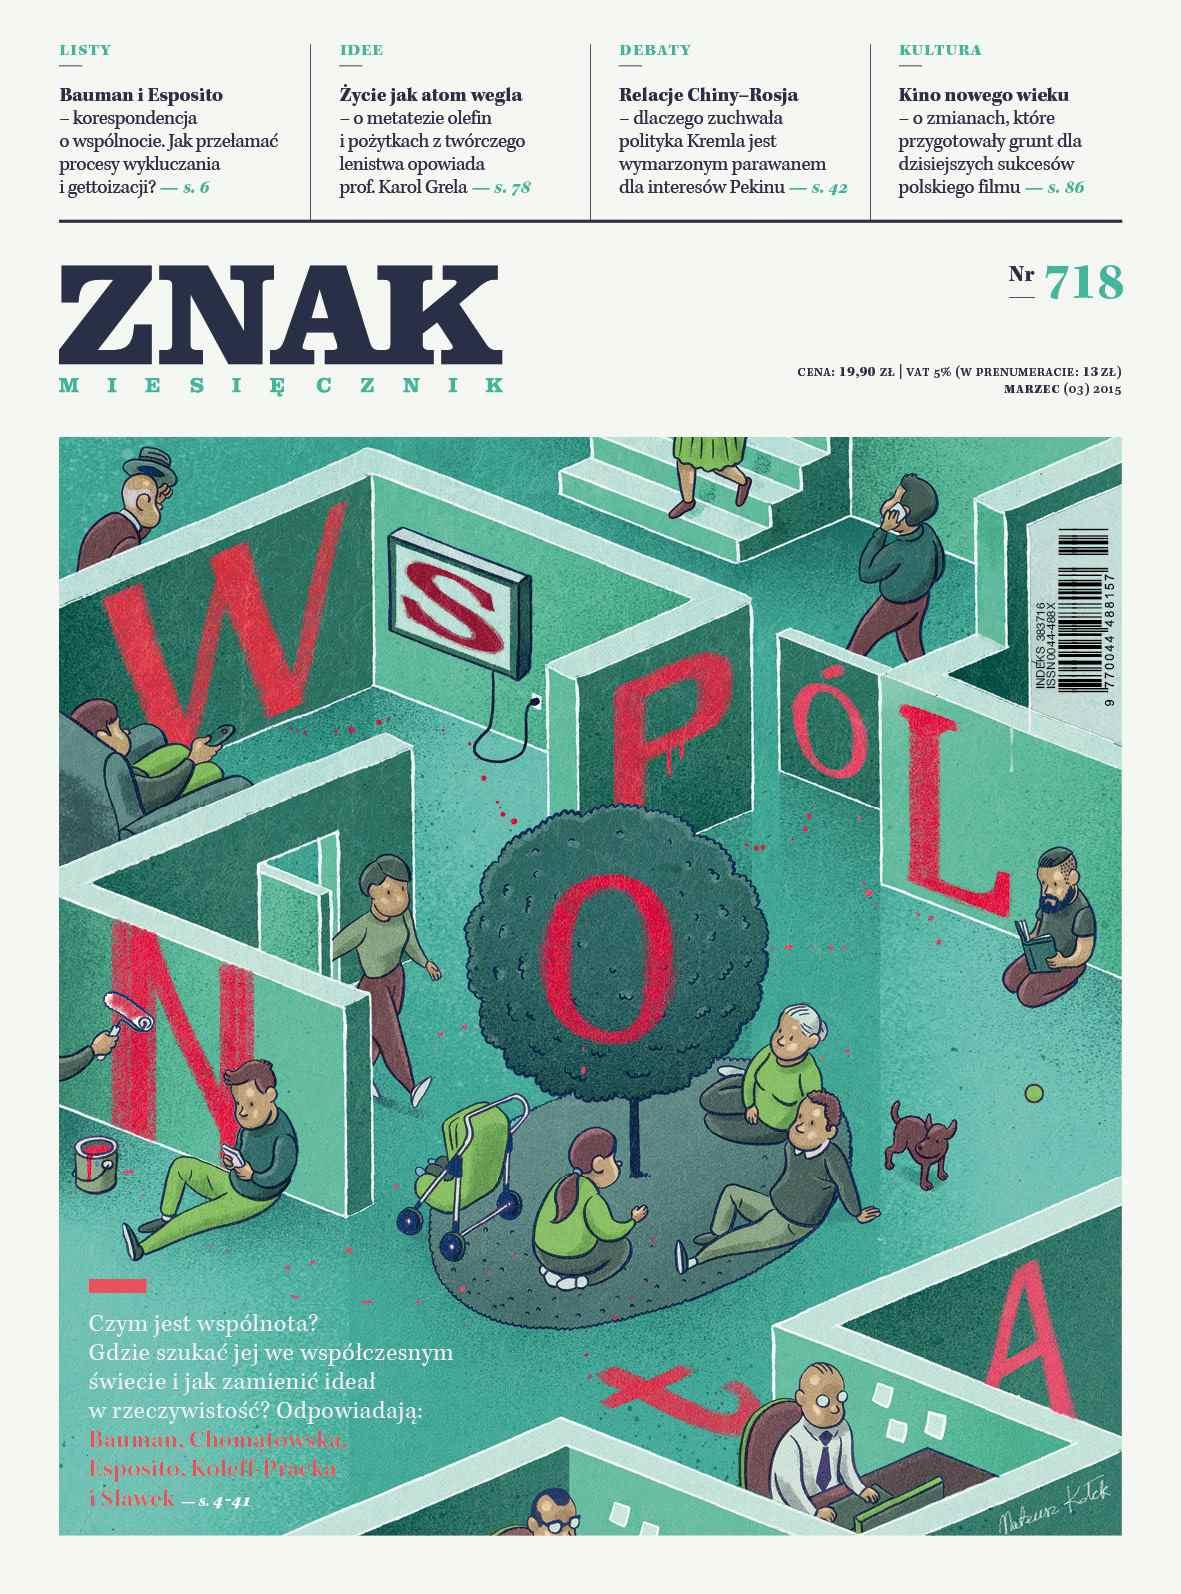 Miesięcznik Znak. Marzec 2015 - Ebook (Książka PDF) do pobrania w formacie PDF